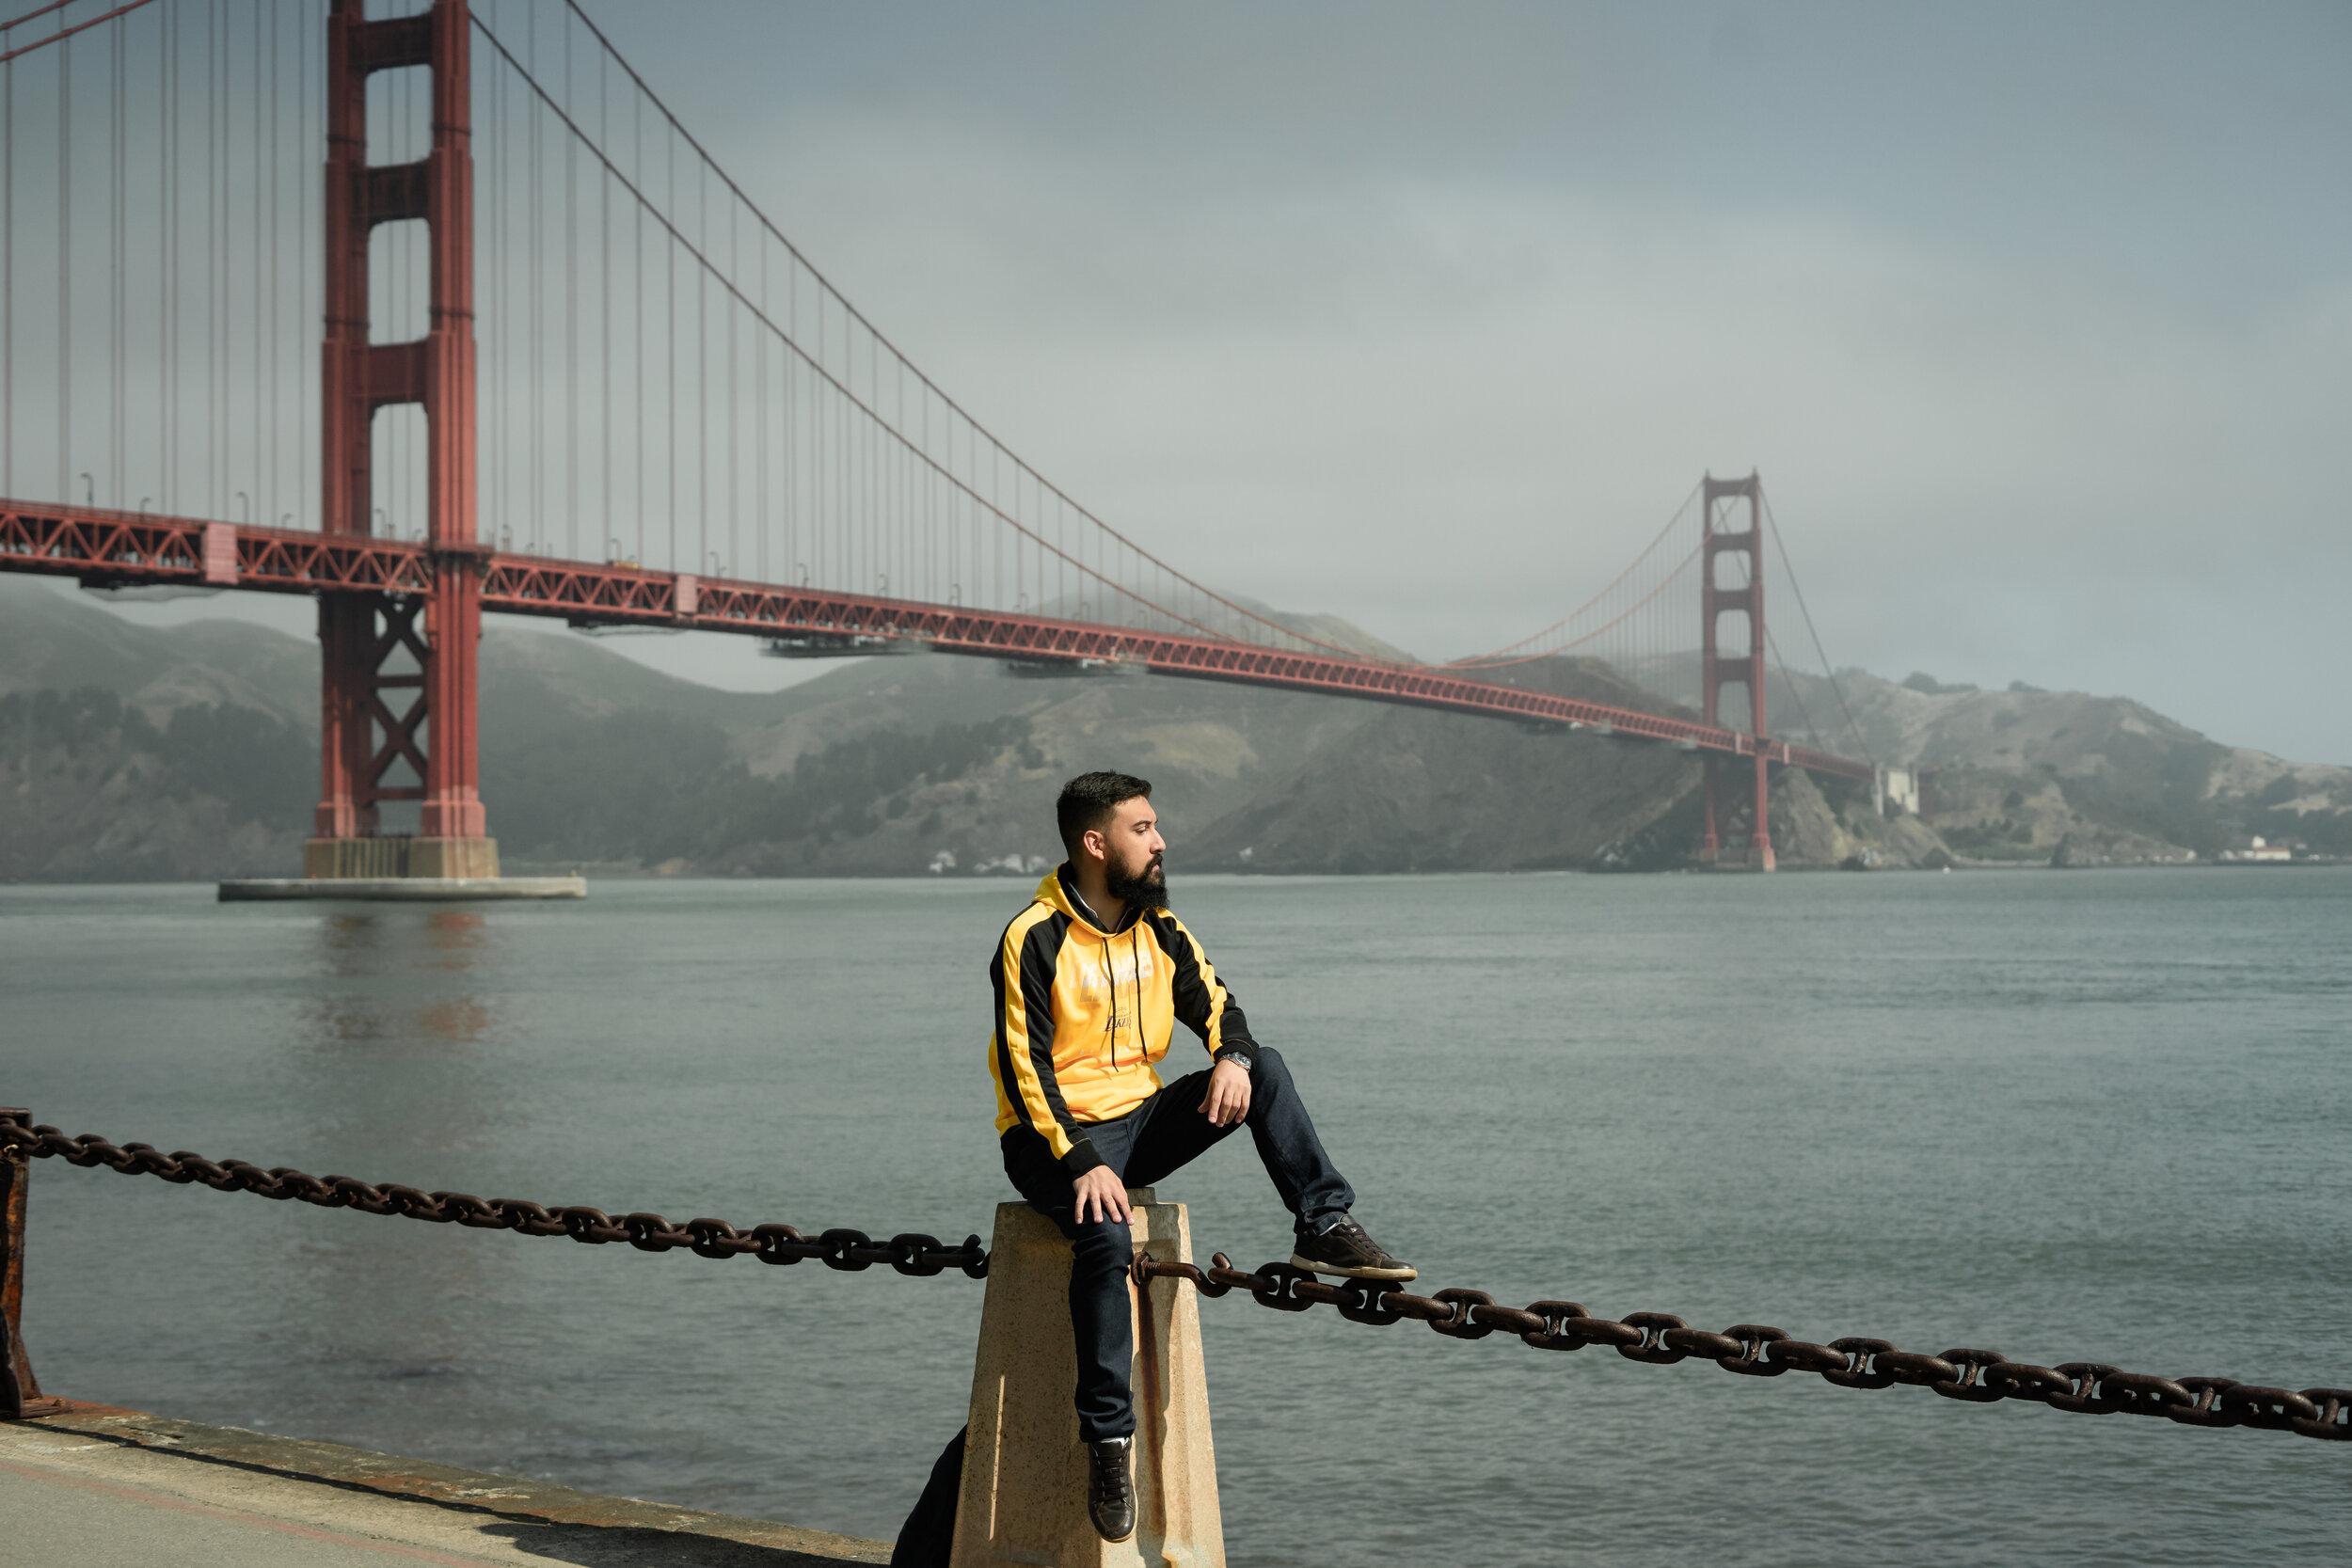 Ensaio Fotografico em Sao Francisco 05.jpg